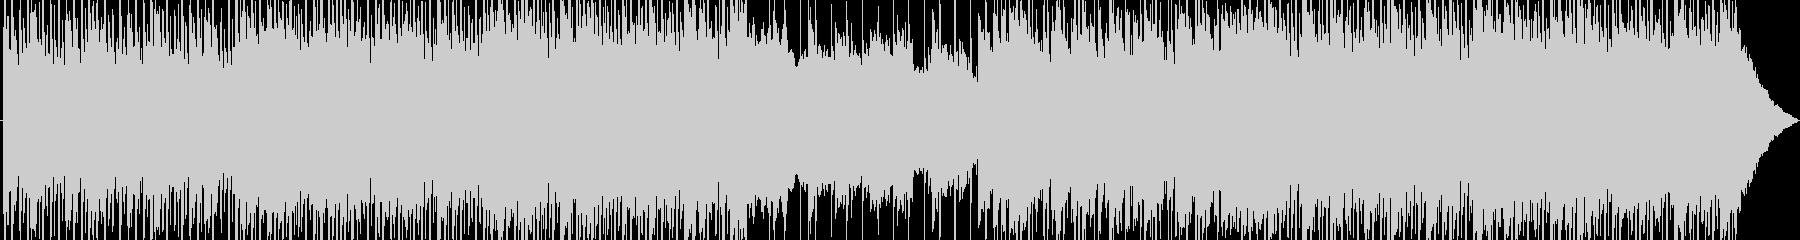 エネルギッシュなダンスミュージックの未再生の波形